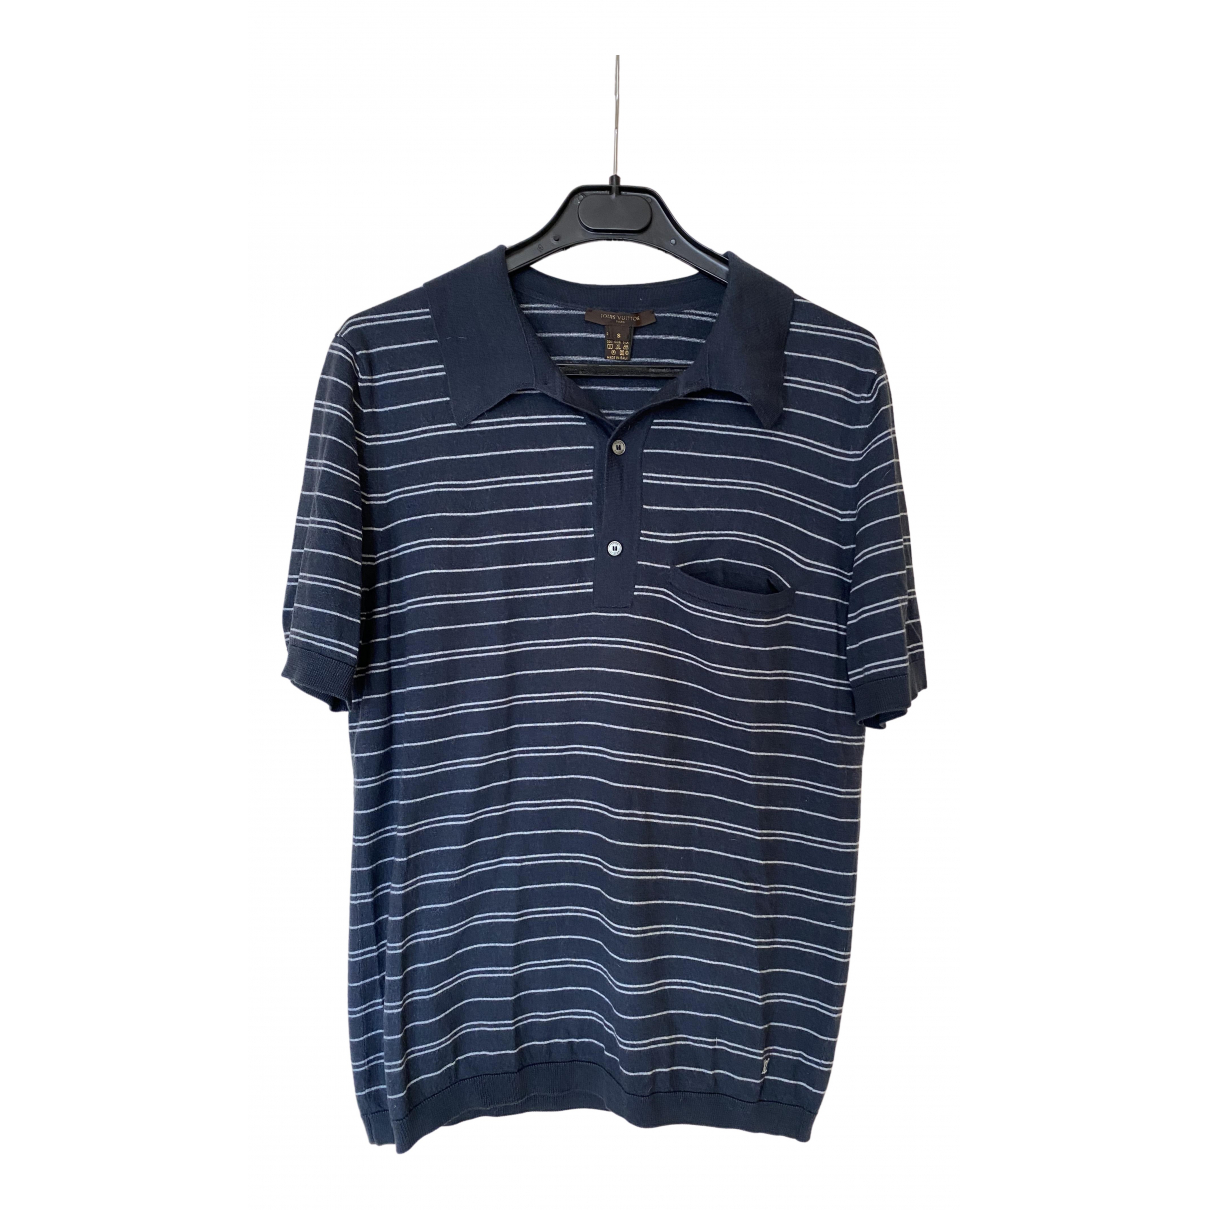 Louis Vuitton - Polos   pour homme en soie - marine